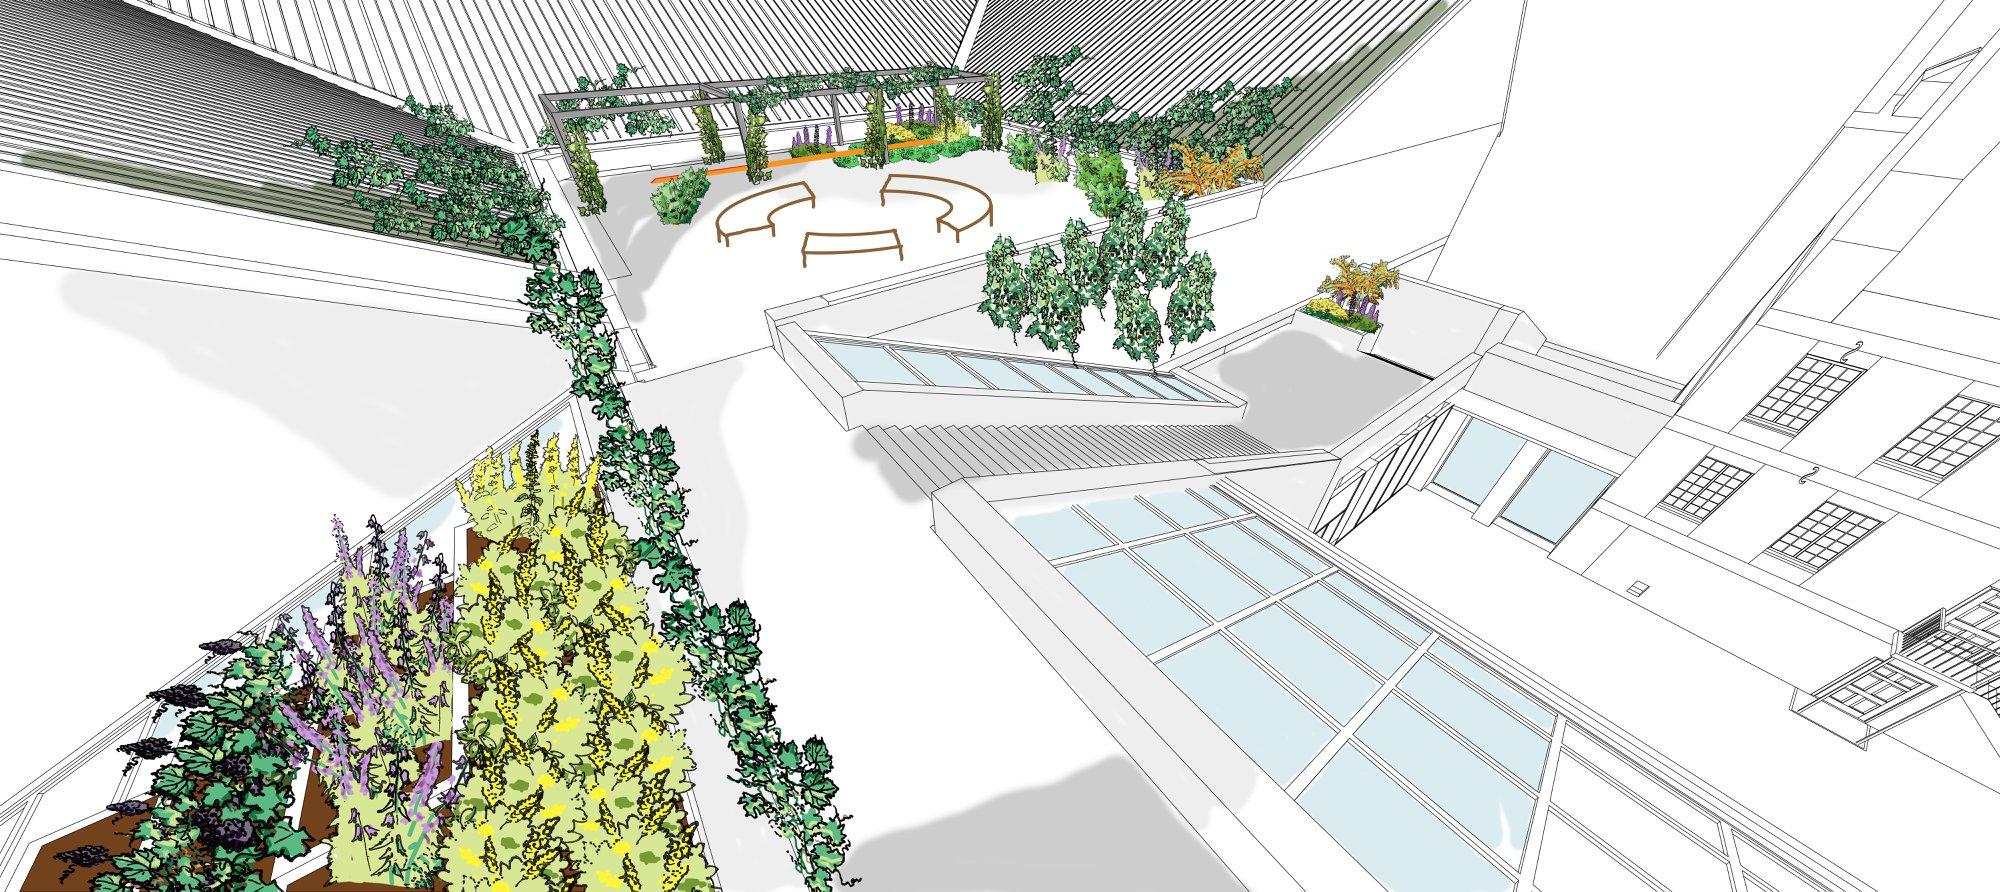 Croquis 3D du plan d'aménagement des toits du Musée, montrant des aménagements faits au fil des ans qui seront graduellement envahis de végétation.